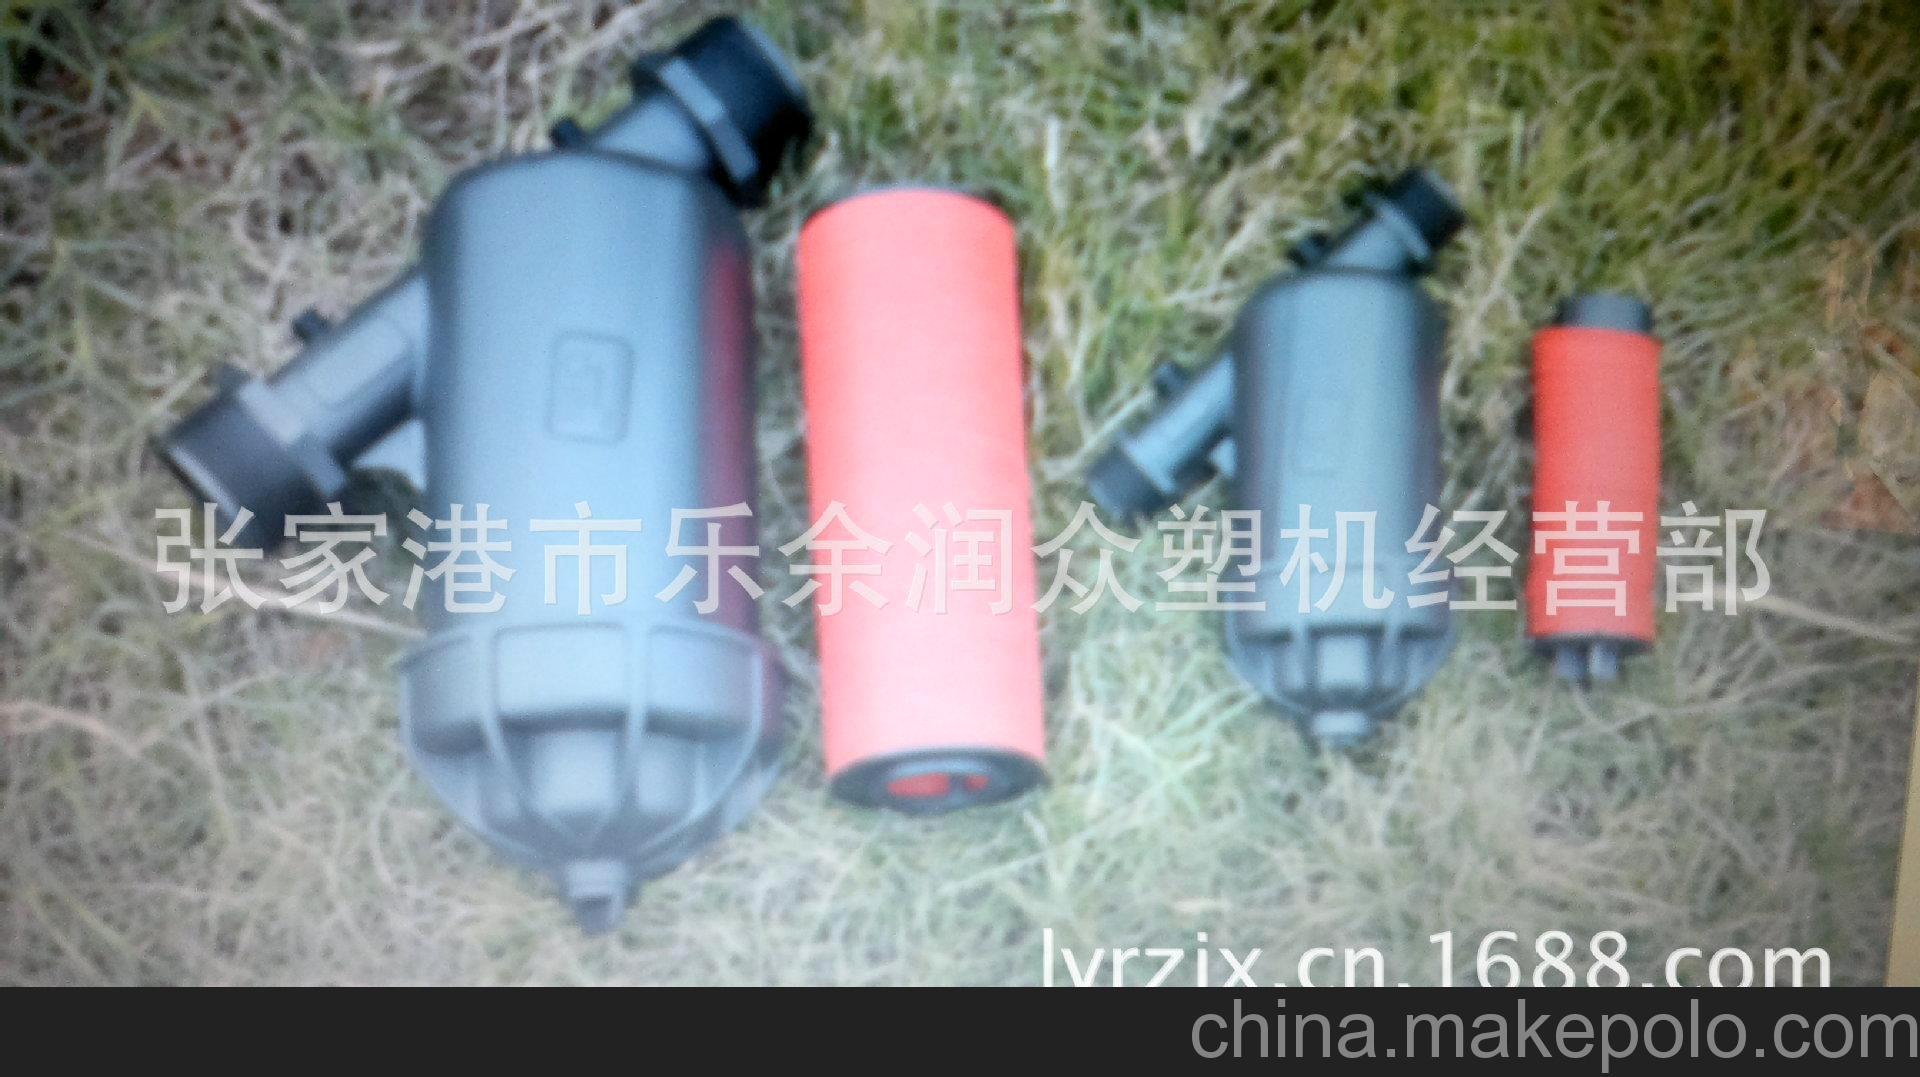 热卖塑料Y型水过滤器,叠片式/网式水过滤器,1-2寸现货供应